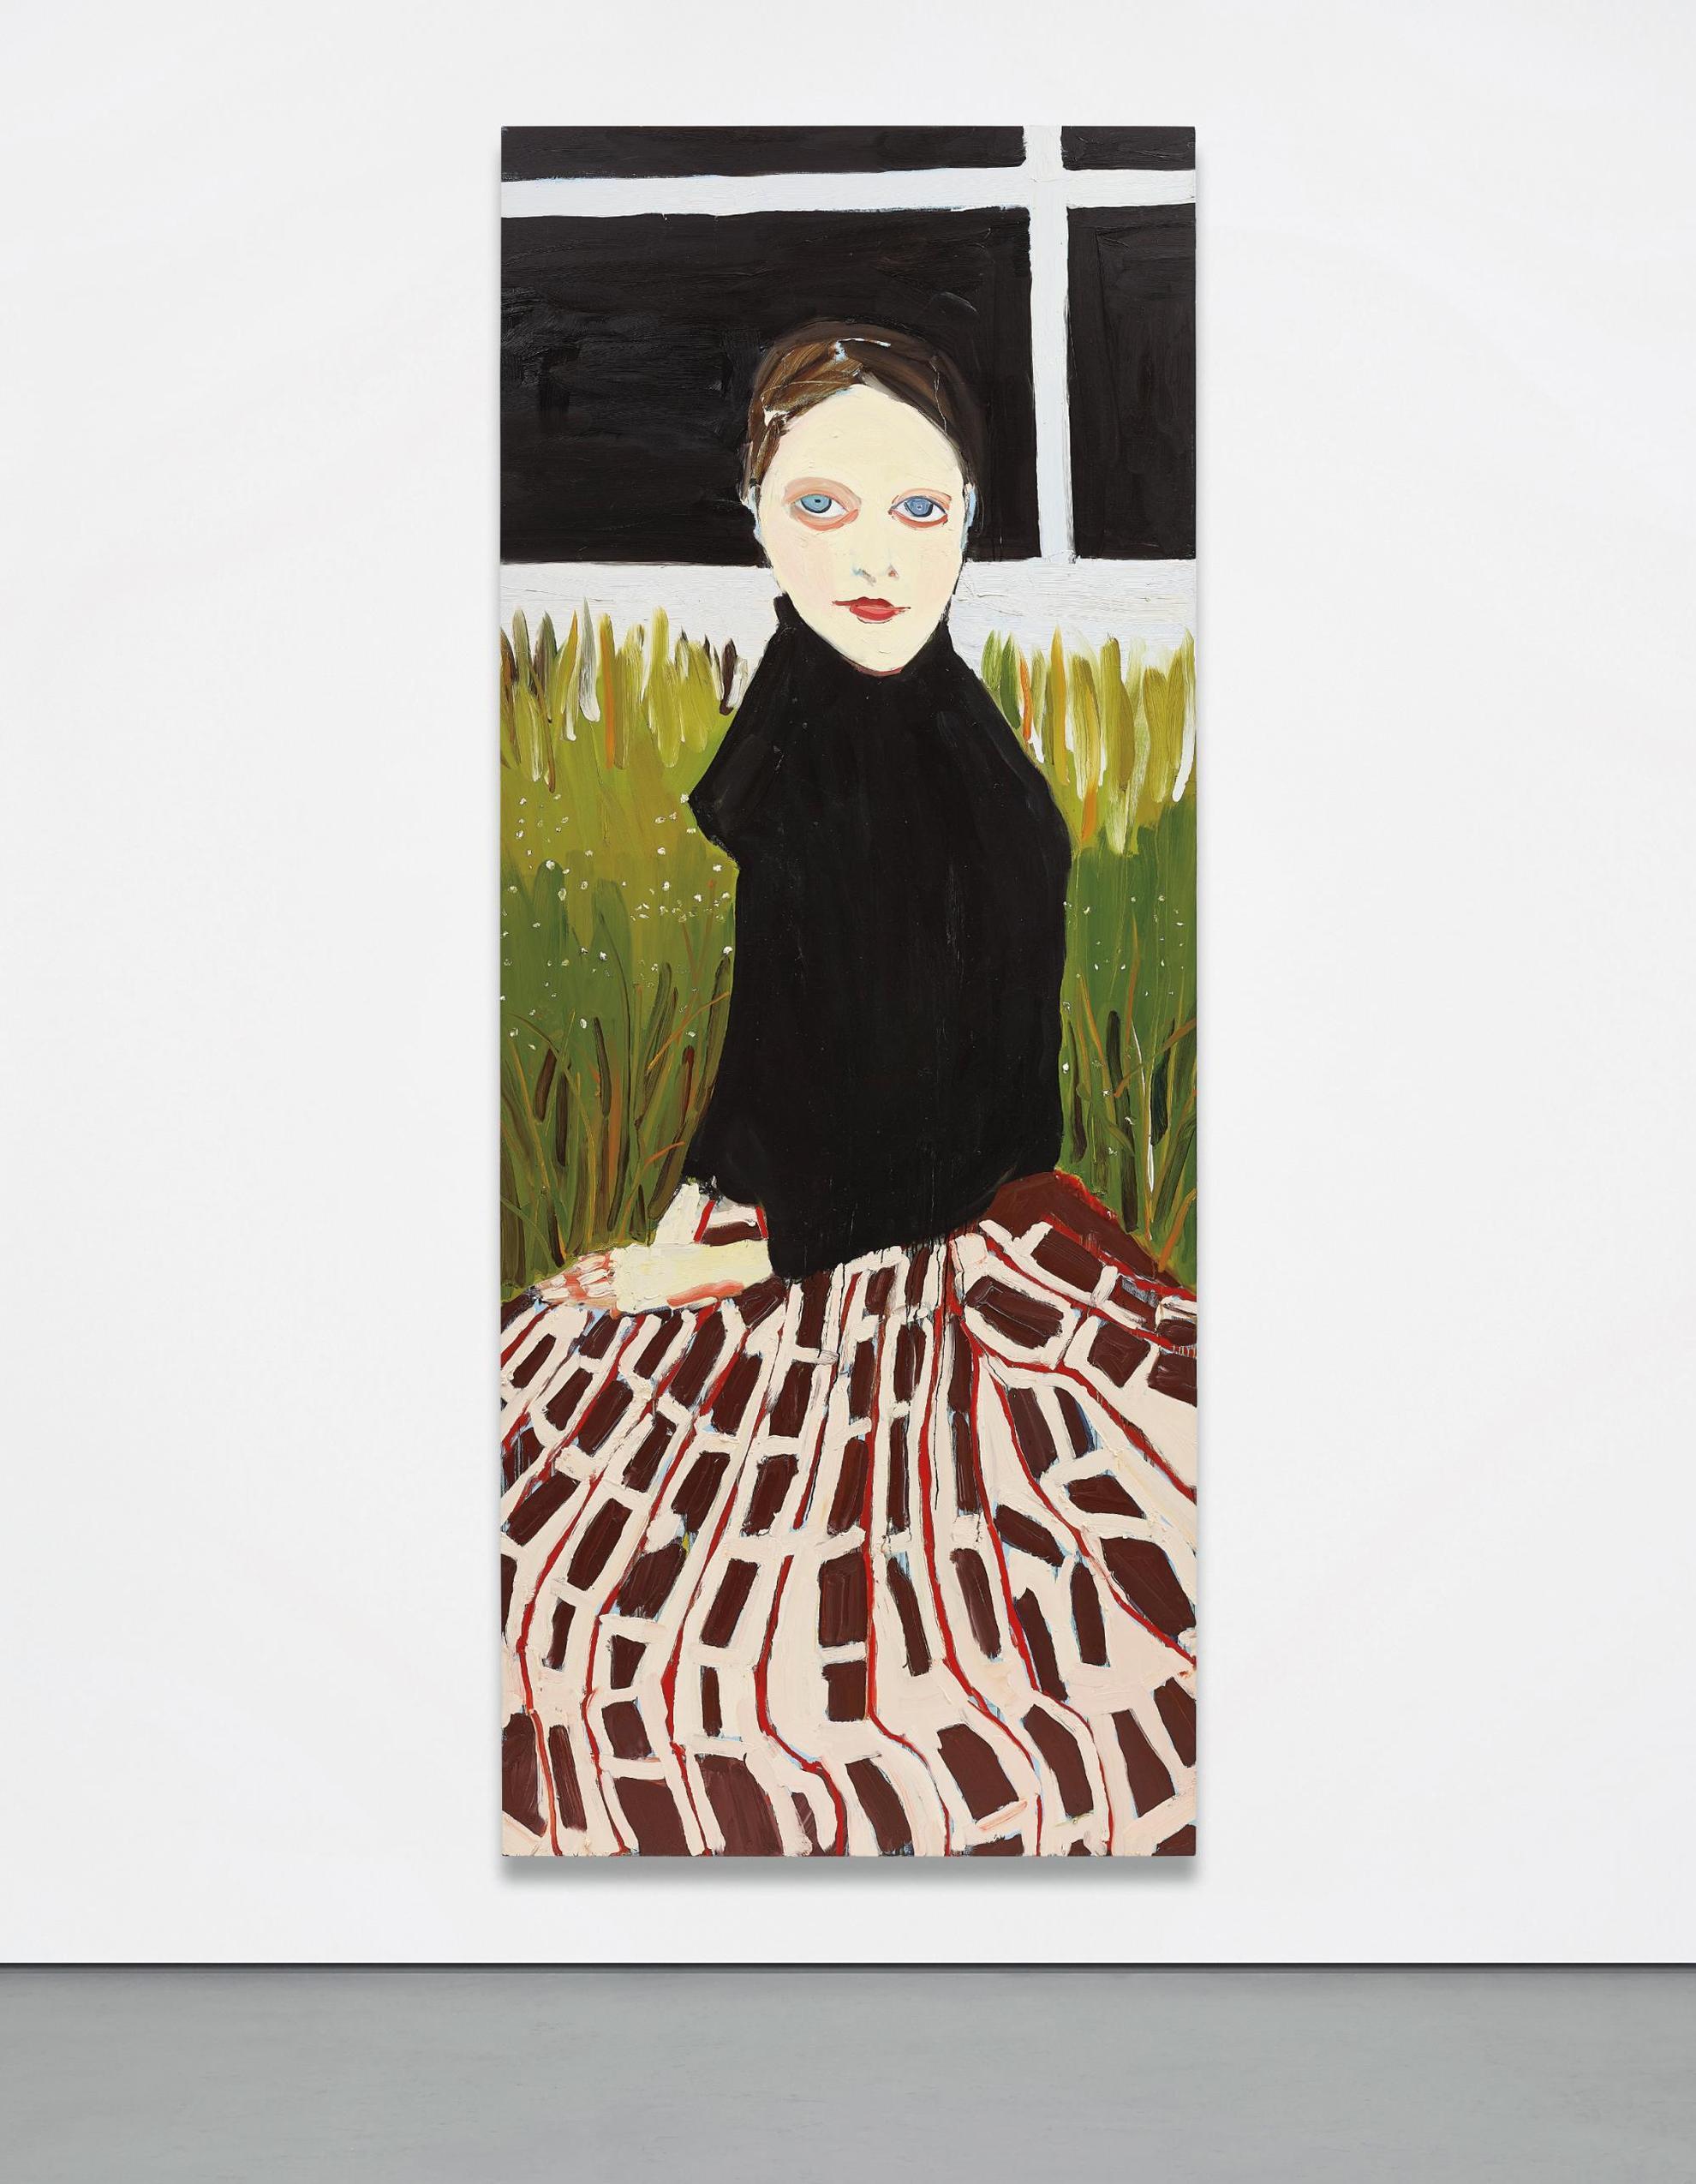 Chantal Joffe-Checkered Skirt-2005